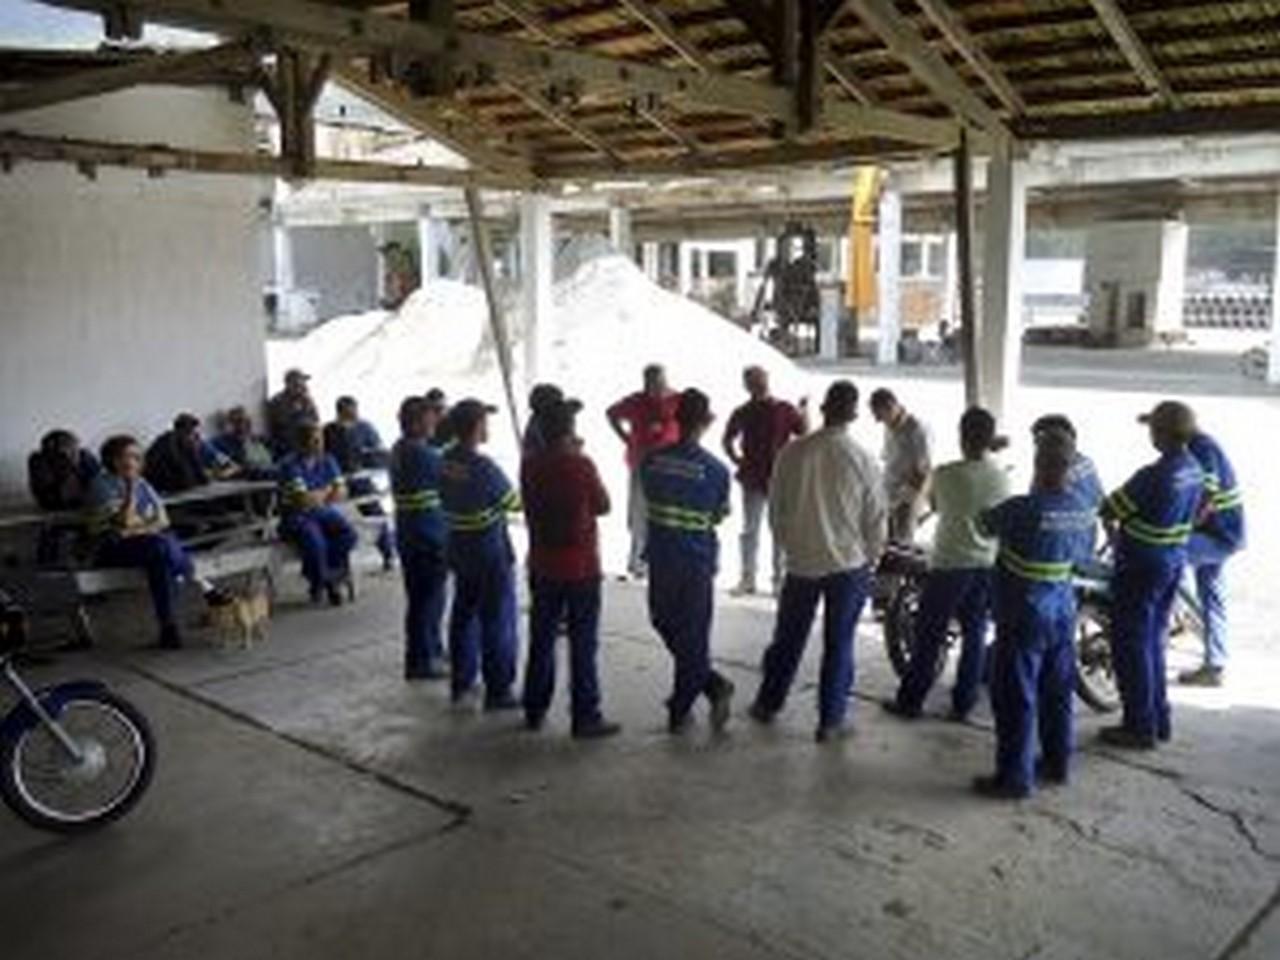 Trabalhadores prometem nova paralisação caso não seja feito o pagamento. Foto: Johannes Halter